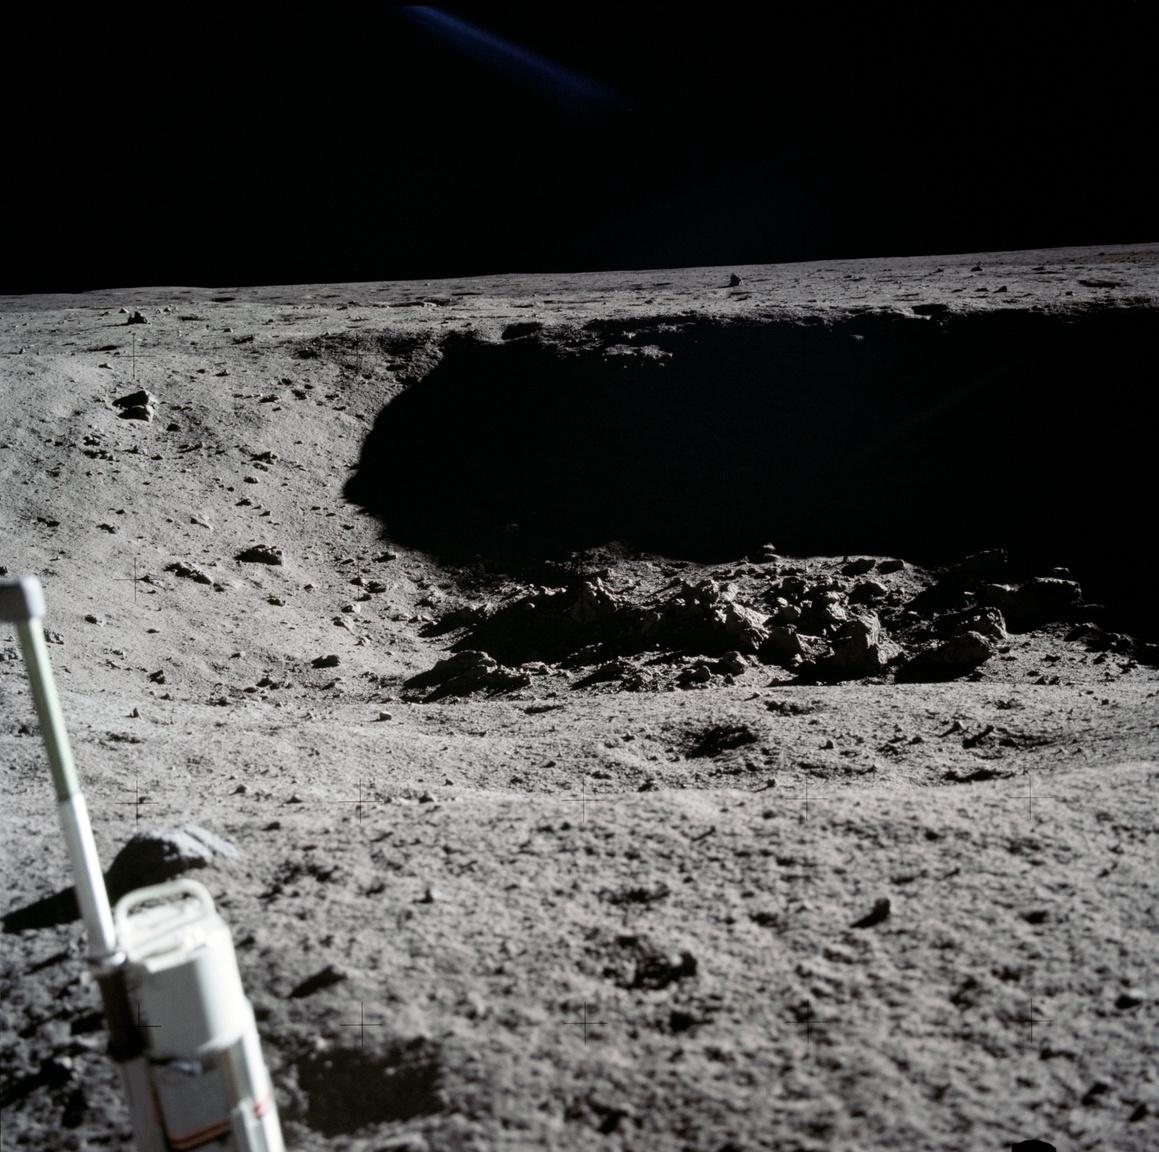 Egy biztos, és ez Hansen életrajzi könyvéből valamint a NASA mindent percről percre rögzítő jegyzőkönyveiből is kiderül: Armstrong valóban tett egy előre nem tervezett, magányos sétát egy kis, kb 30 méter átmérőjű kráterhez (Little West Crater), ahol pár percet töltött egyedül. Az űrhajós készített pár fotót a holdkomptól hatvan méterre lévő mélyedésről – ez itt az egyik képkocka.